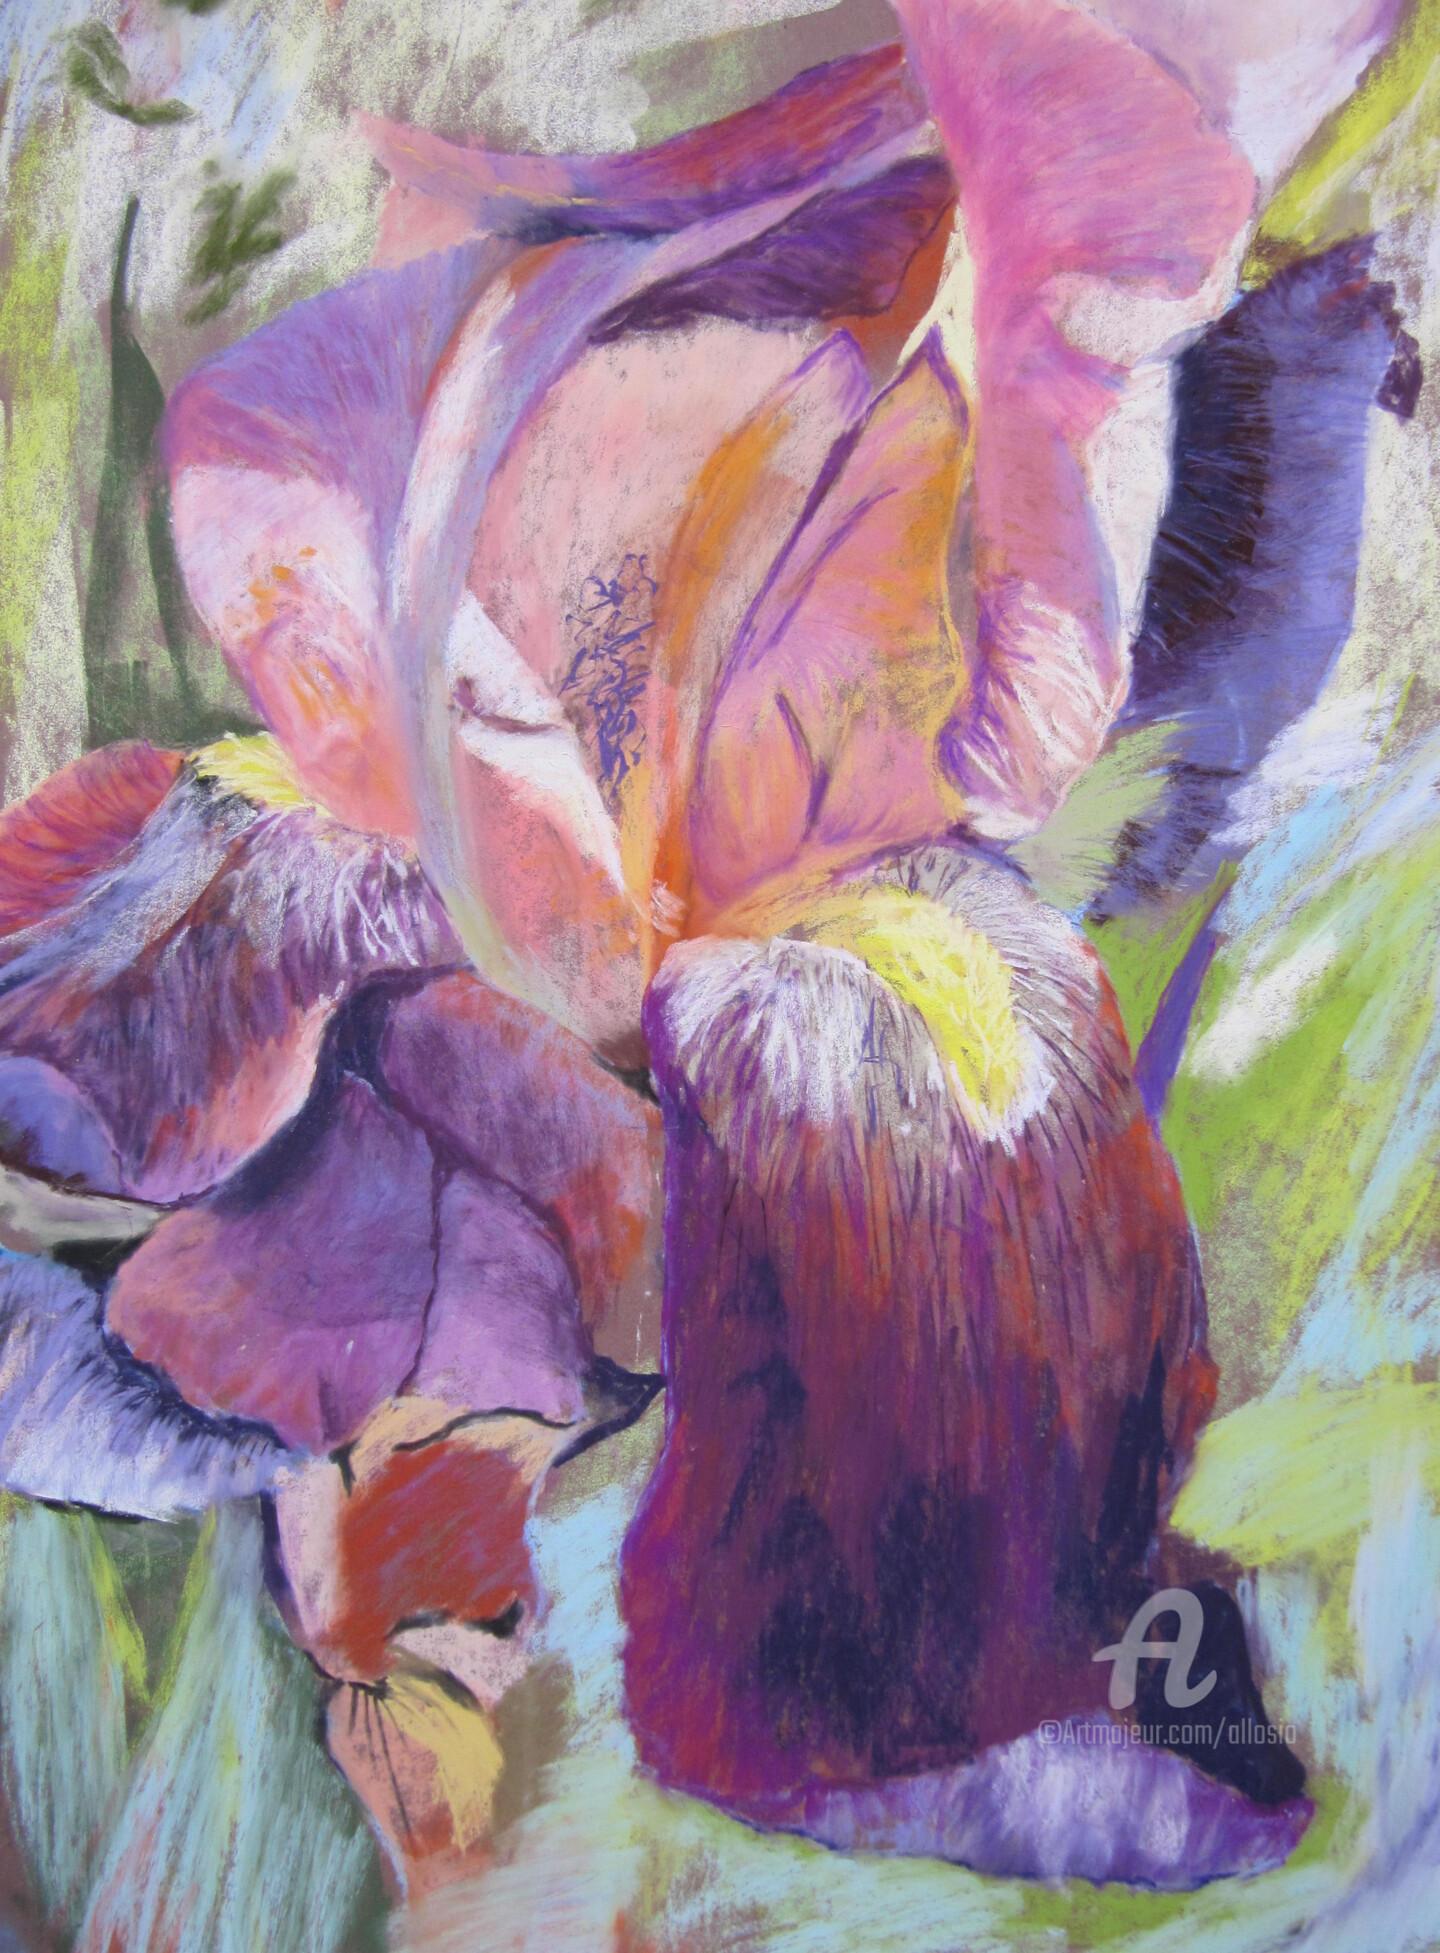 Claudette Allosio - Iris le clown